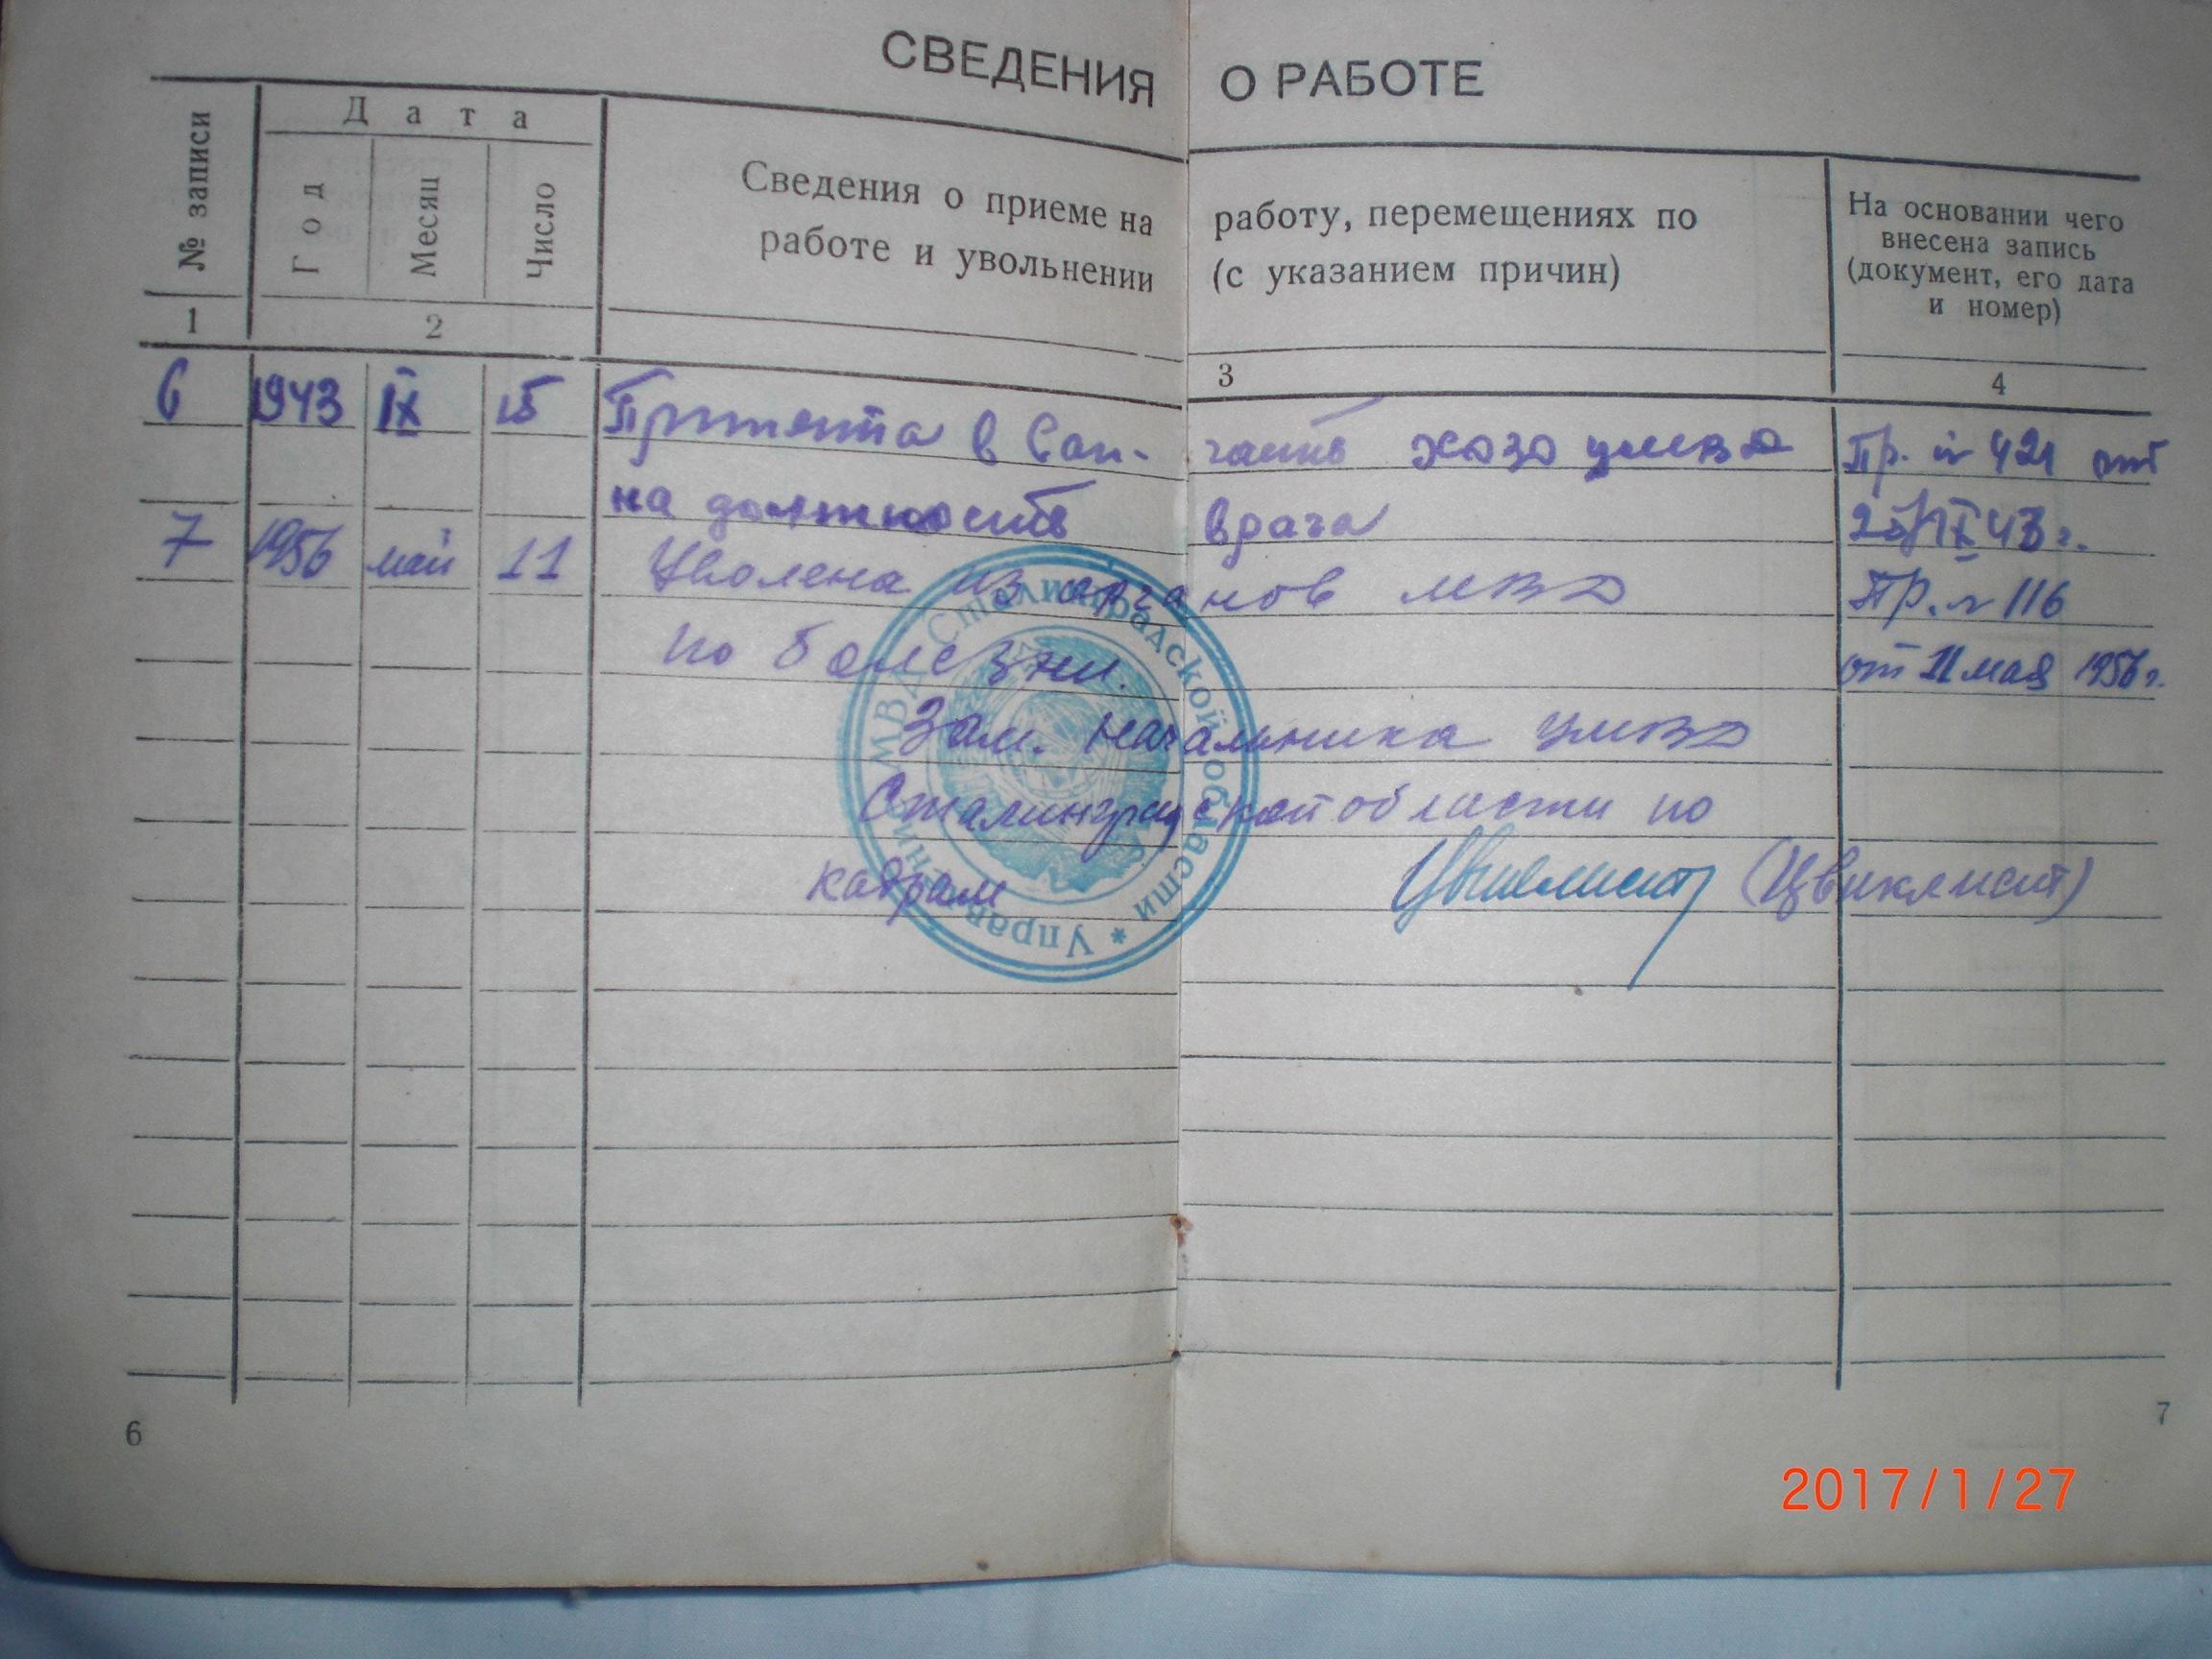 Трудовая книжка Сидоровой С.В. конец